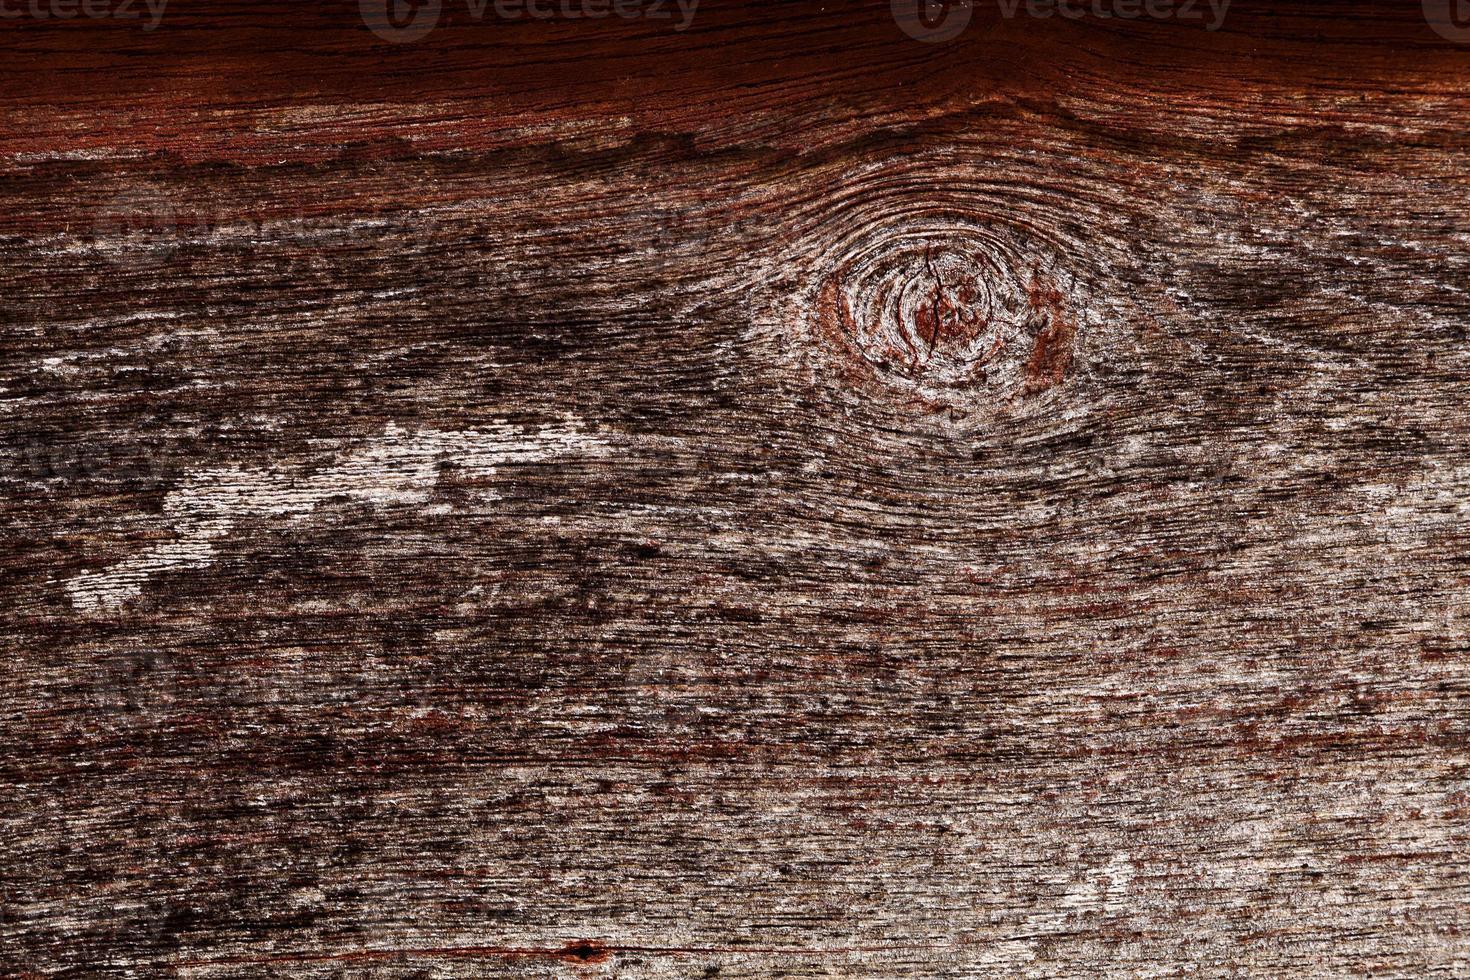 Holzplankenbrett Hintergrund oder Textur foto